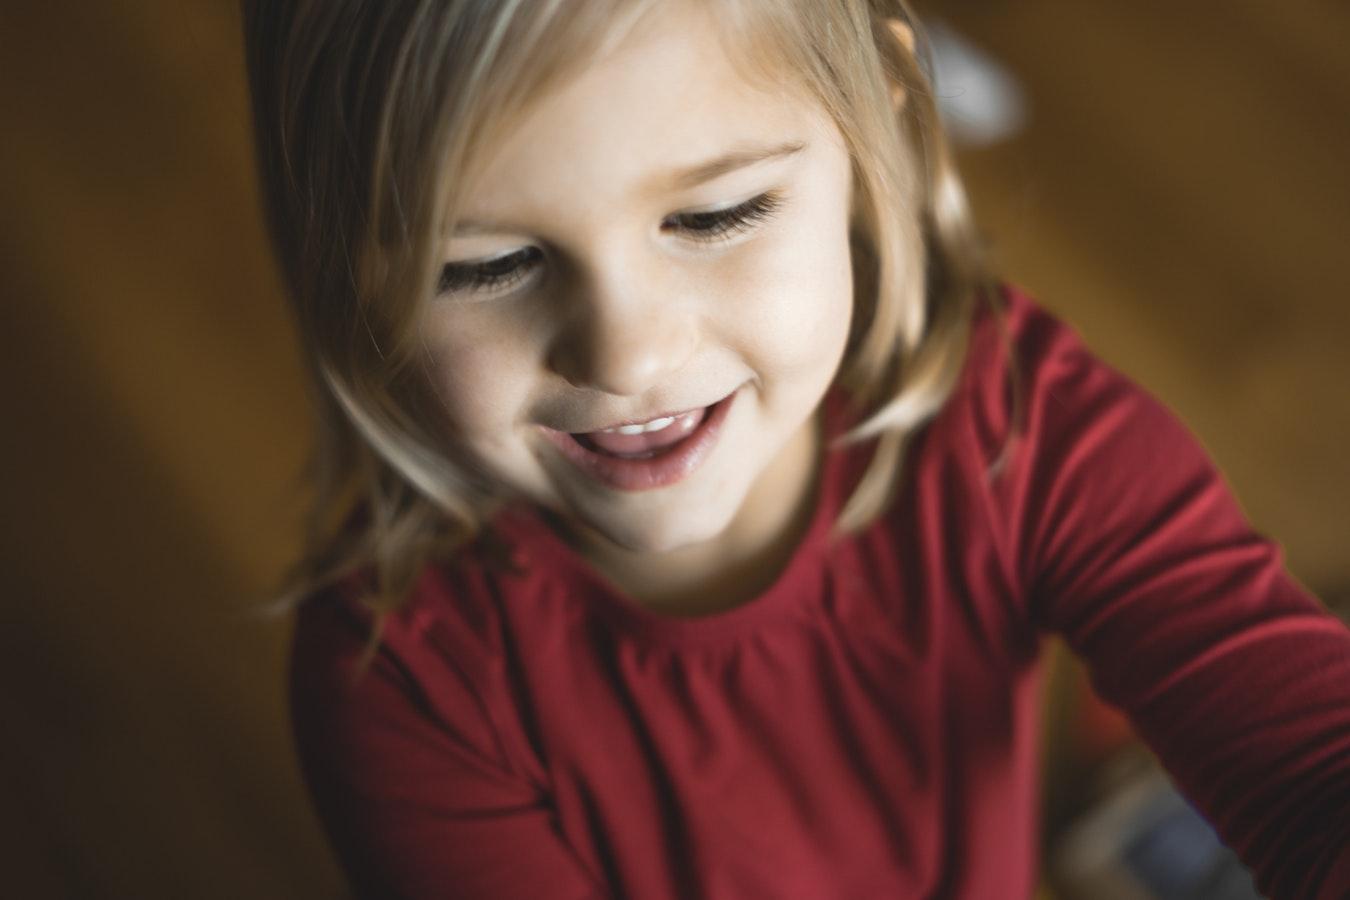 Maakunnalliset lapsiasiavaltuutetut edistämään lapsen oikeuksia